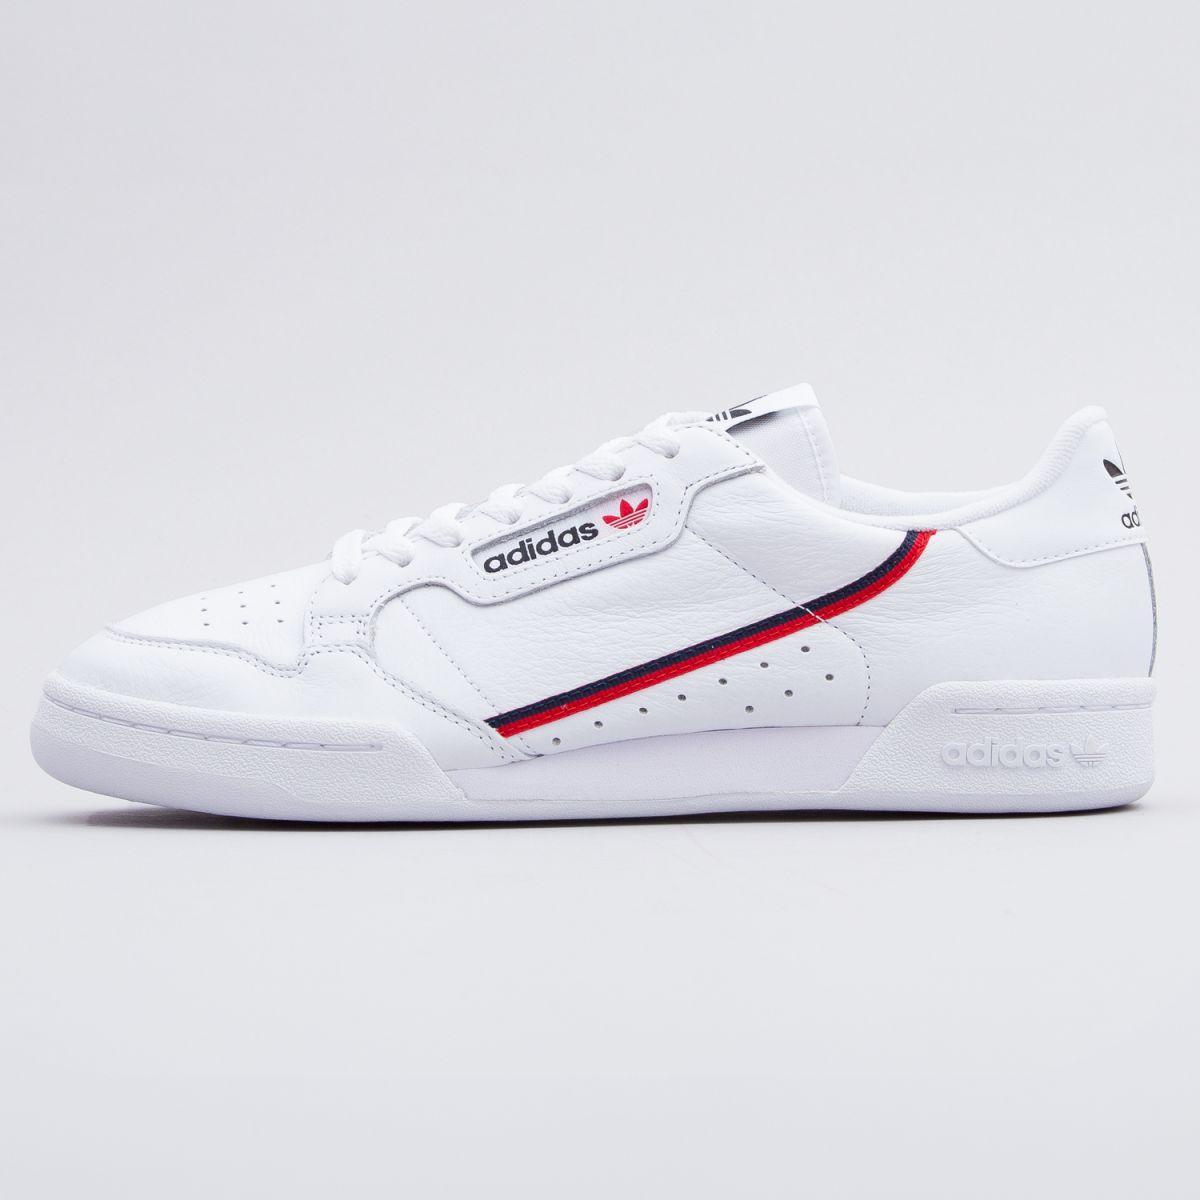 59882e79 Оригинальные мужские кроссовки Adidas Continental 80: продажа, цена ...